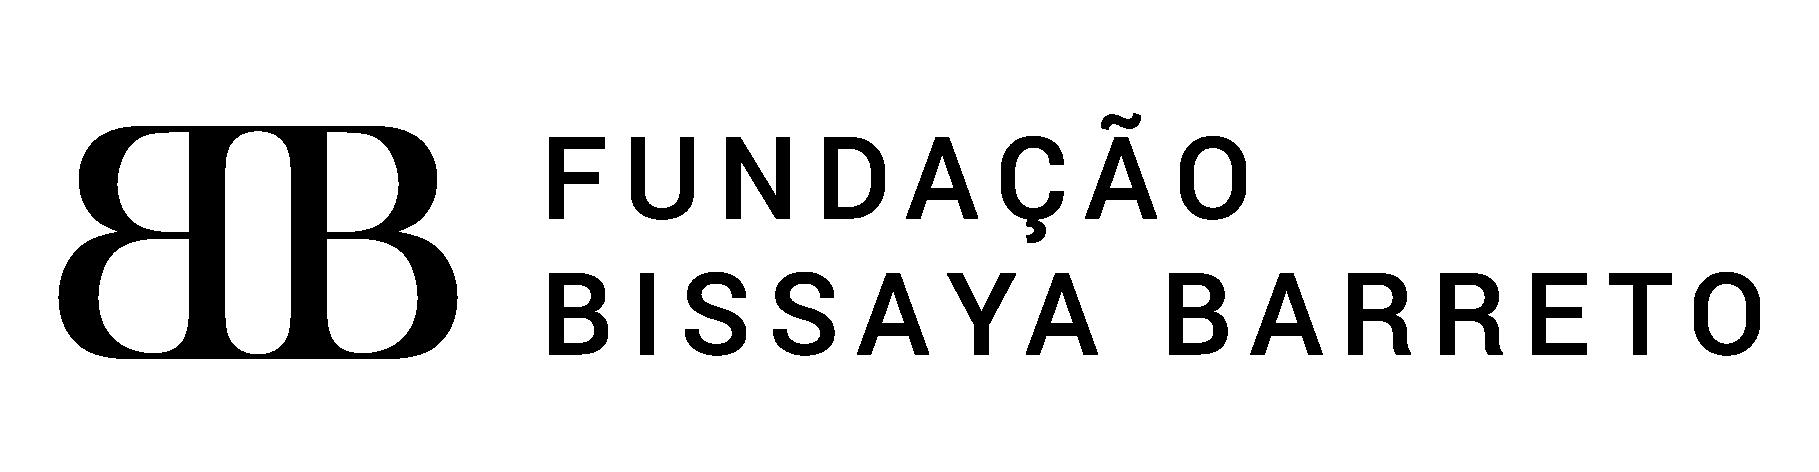 LOGO FBB2 - Fundo Transparente Preto